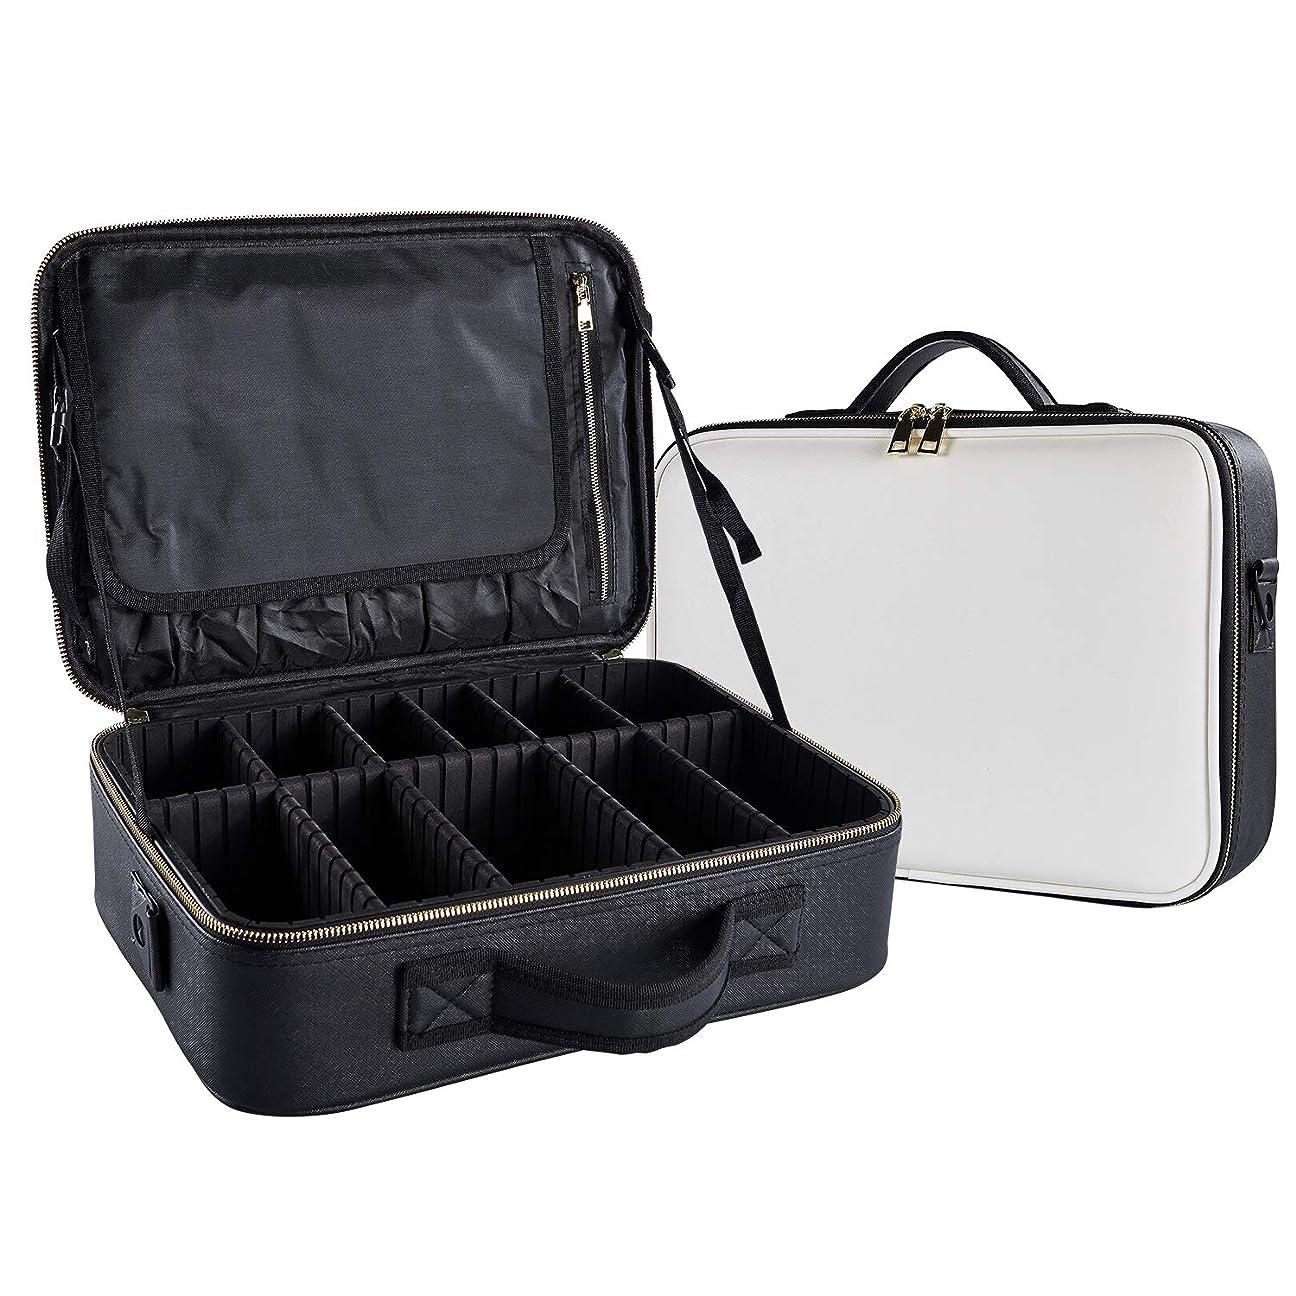 威するトラックバドミントンArcEnCiel メイクボックス プロ用 化粧道具 コスメ収納 化粧箱 收納抜群 大容量 メイクアップ ボックス